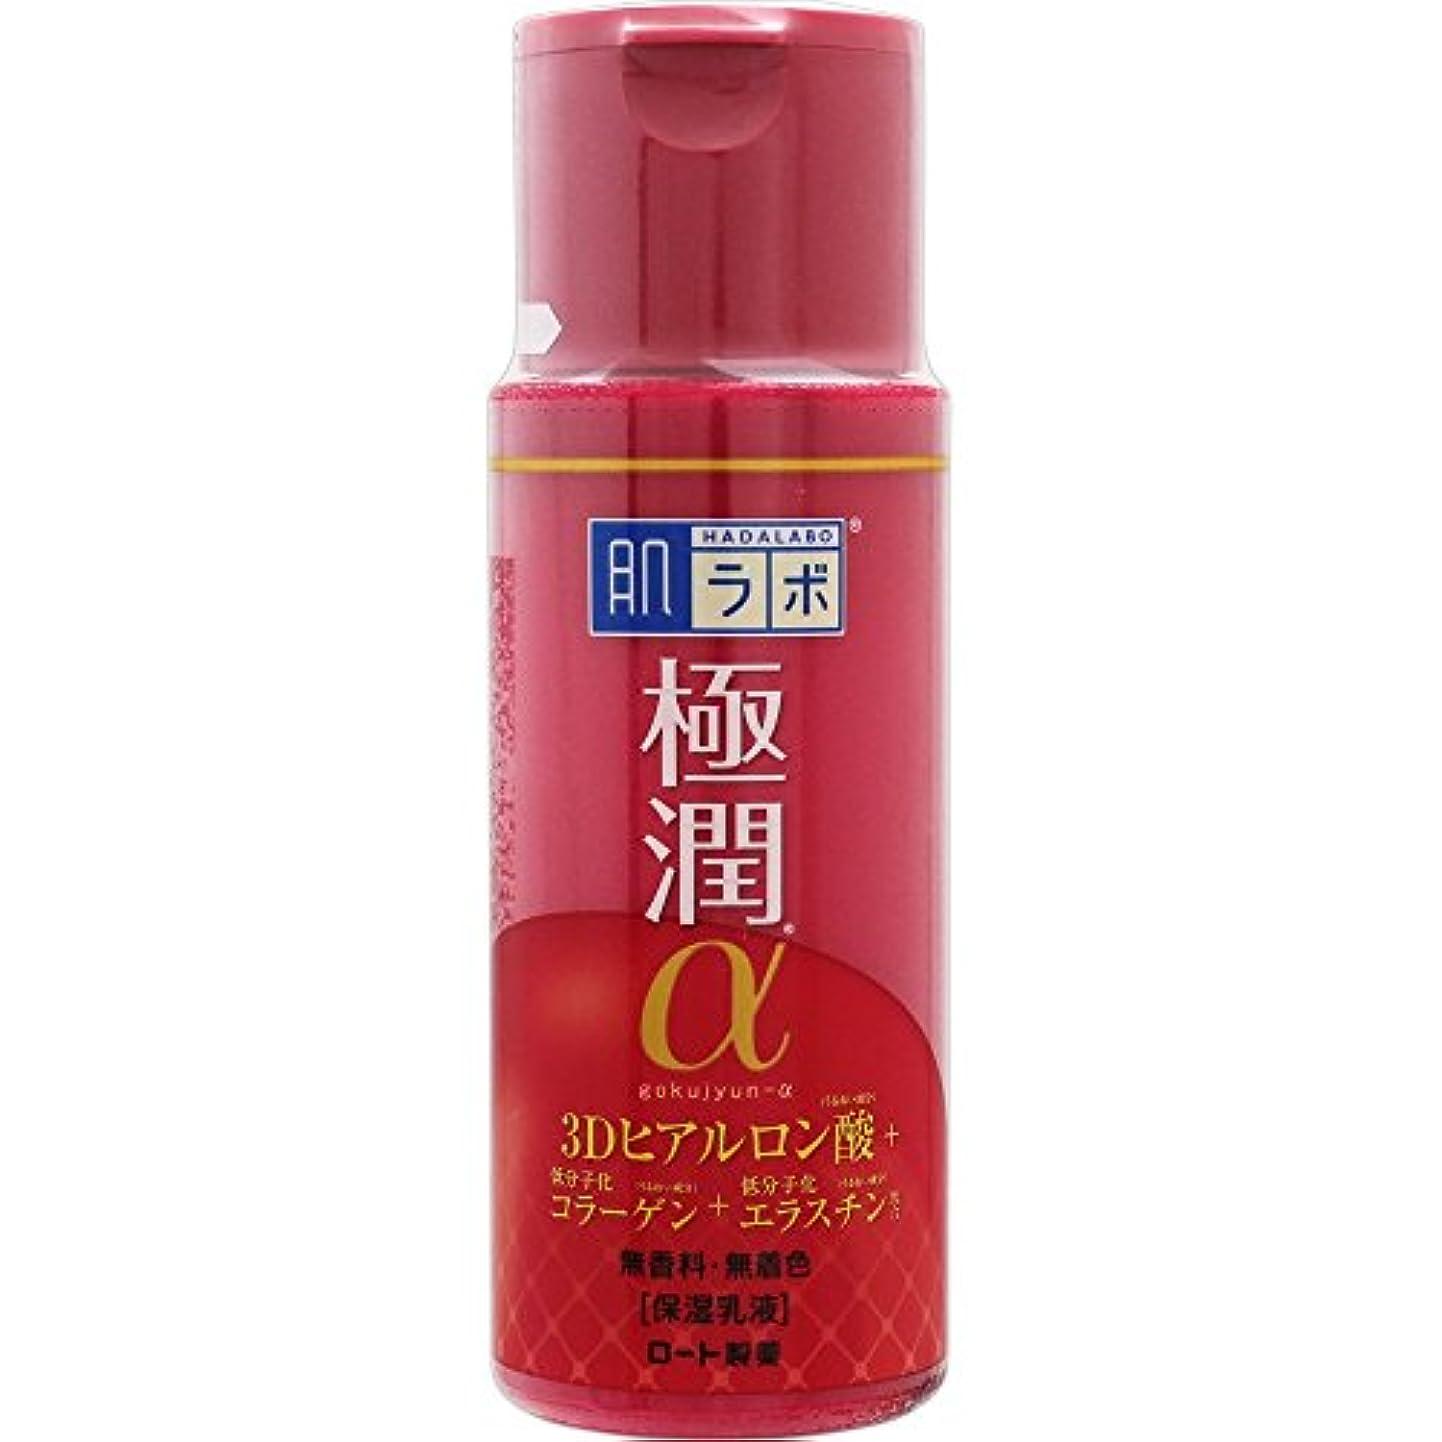 型汚いキャンベラ肌ラボ 極潤α ハリ乳液 3Dヒアルロン酸×低分子化コラーゲン×低分子化エラスチン配合 140ml